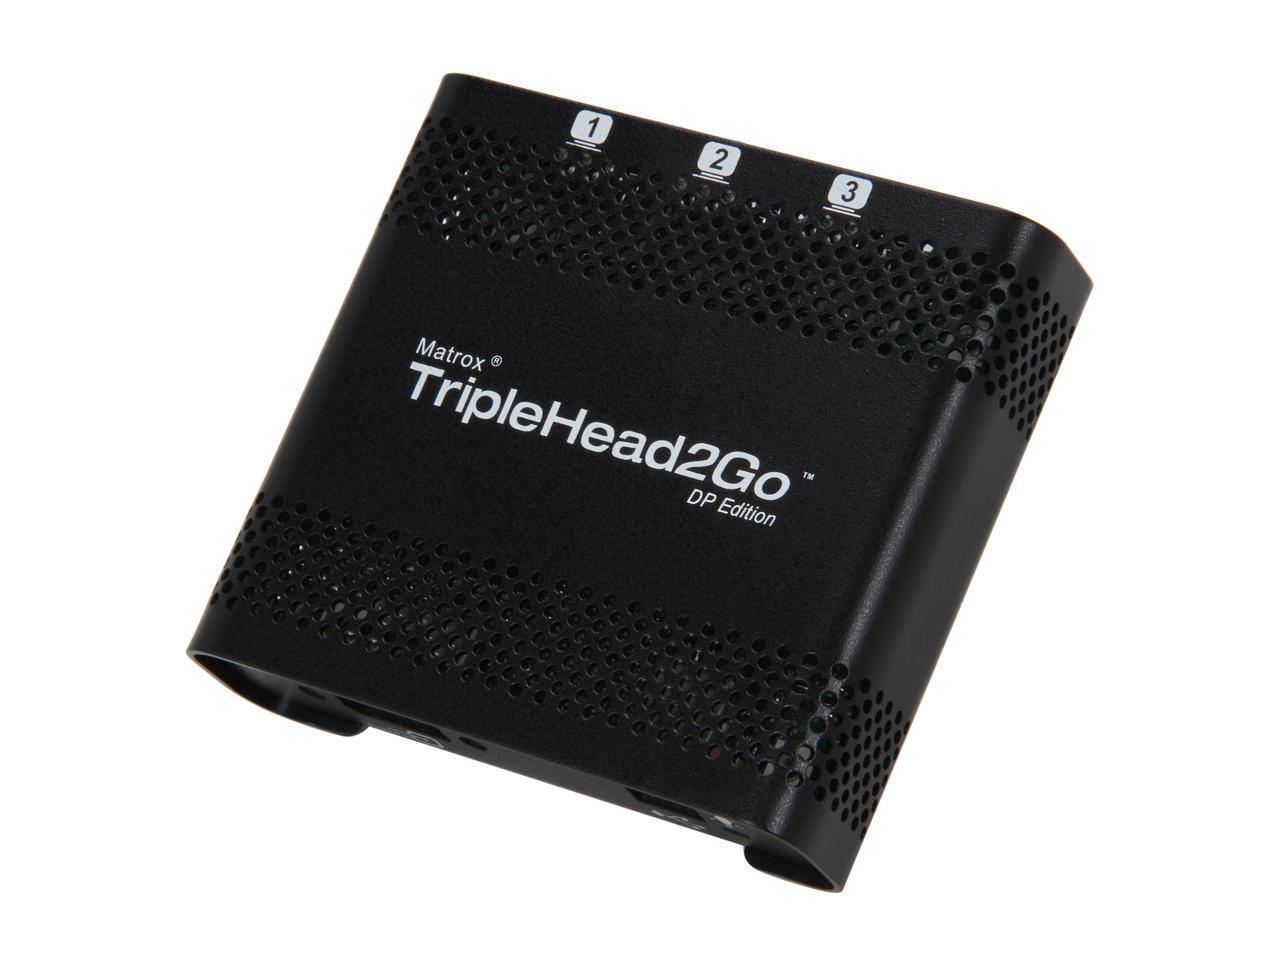 Външен мулти-дисплей адаптер Matrox T2G-DP-MIF за едновременна работа на 3 мониторa с DP вход-4